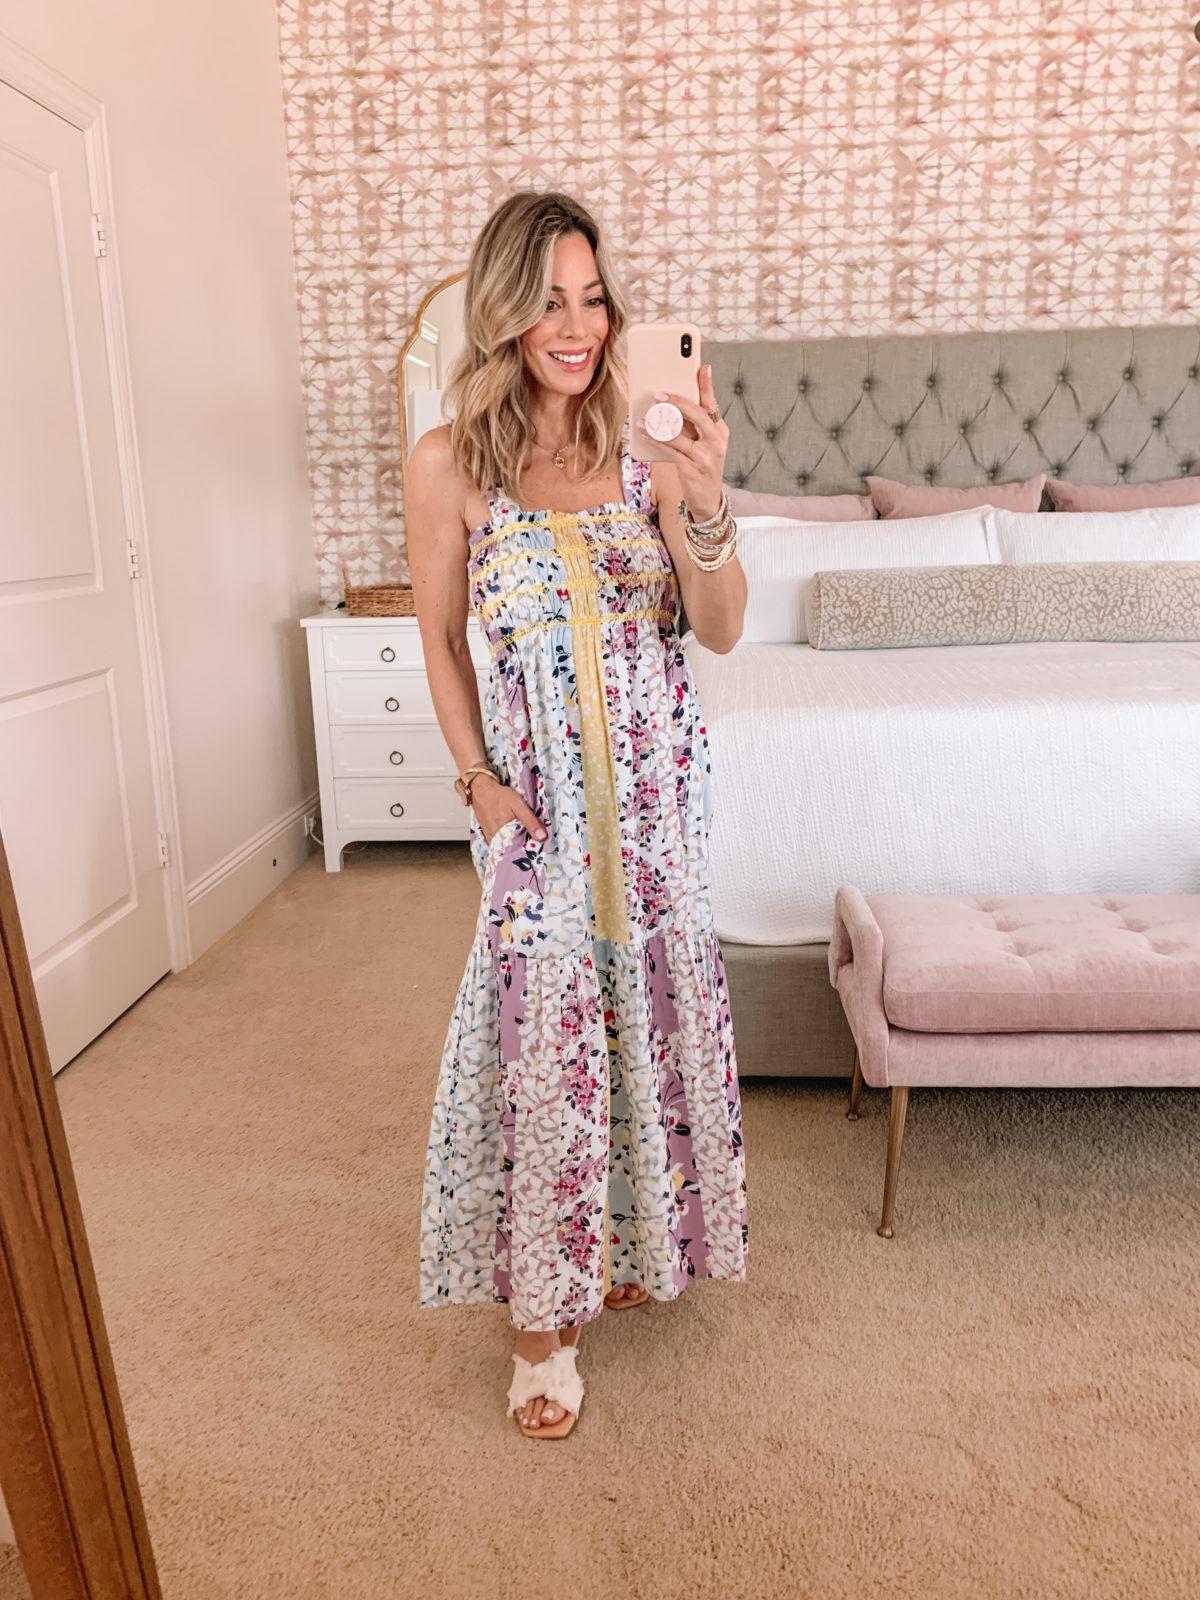 Dressing Room Finds, Floral Smocked Maxi Dress